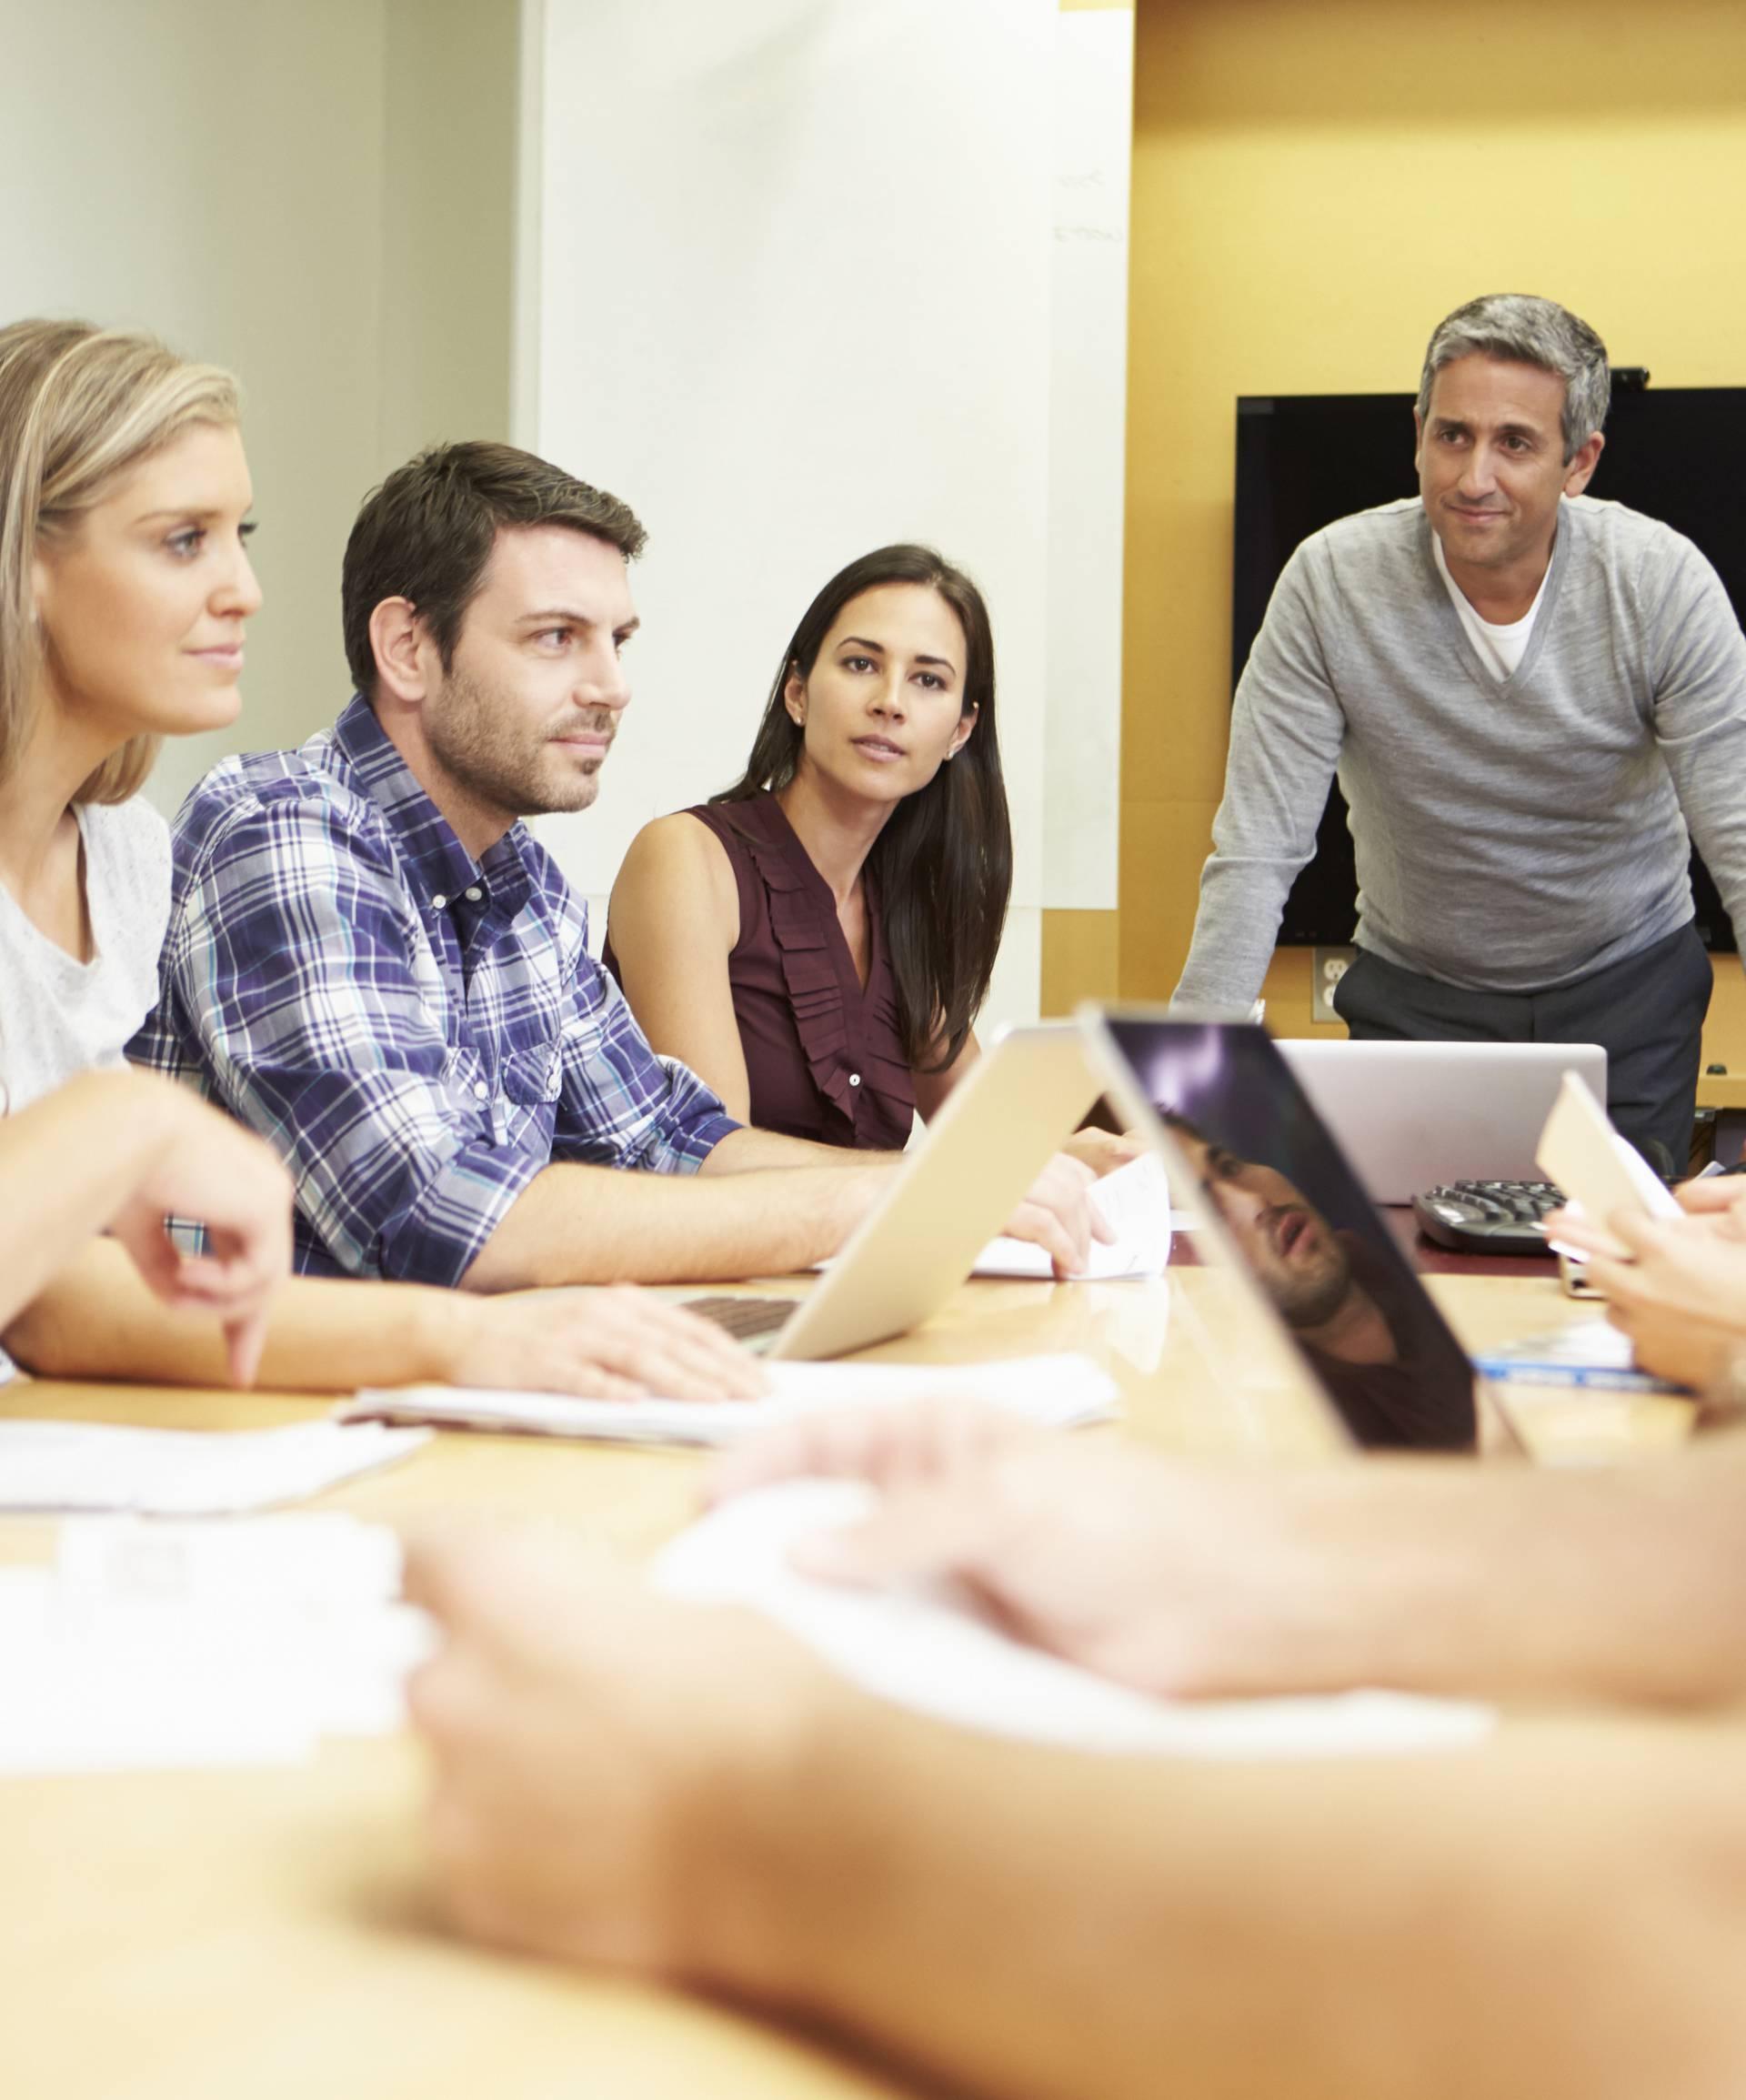 Ustajali zrak u uredima može utjecati i na produktivnost ljudi